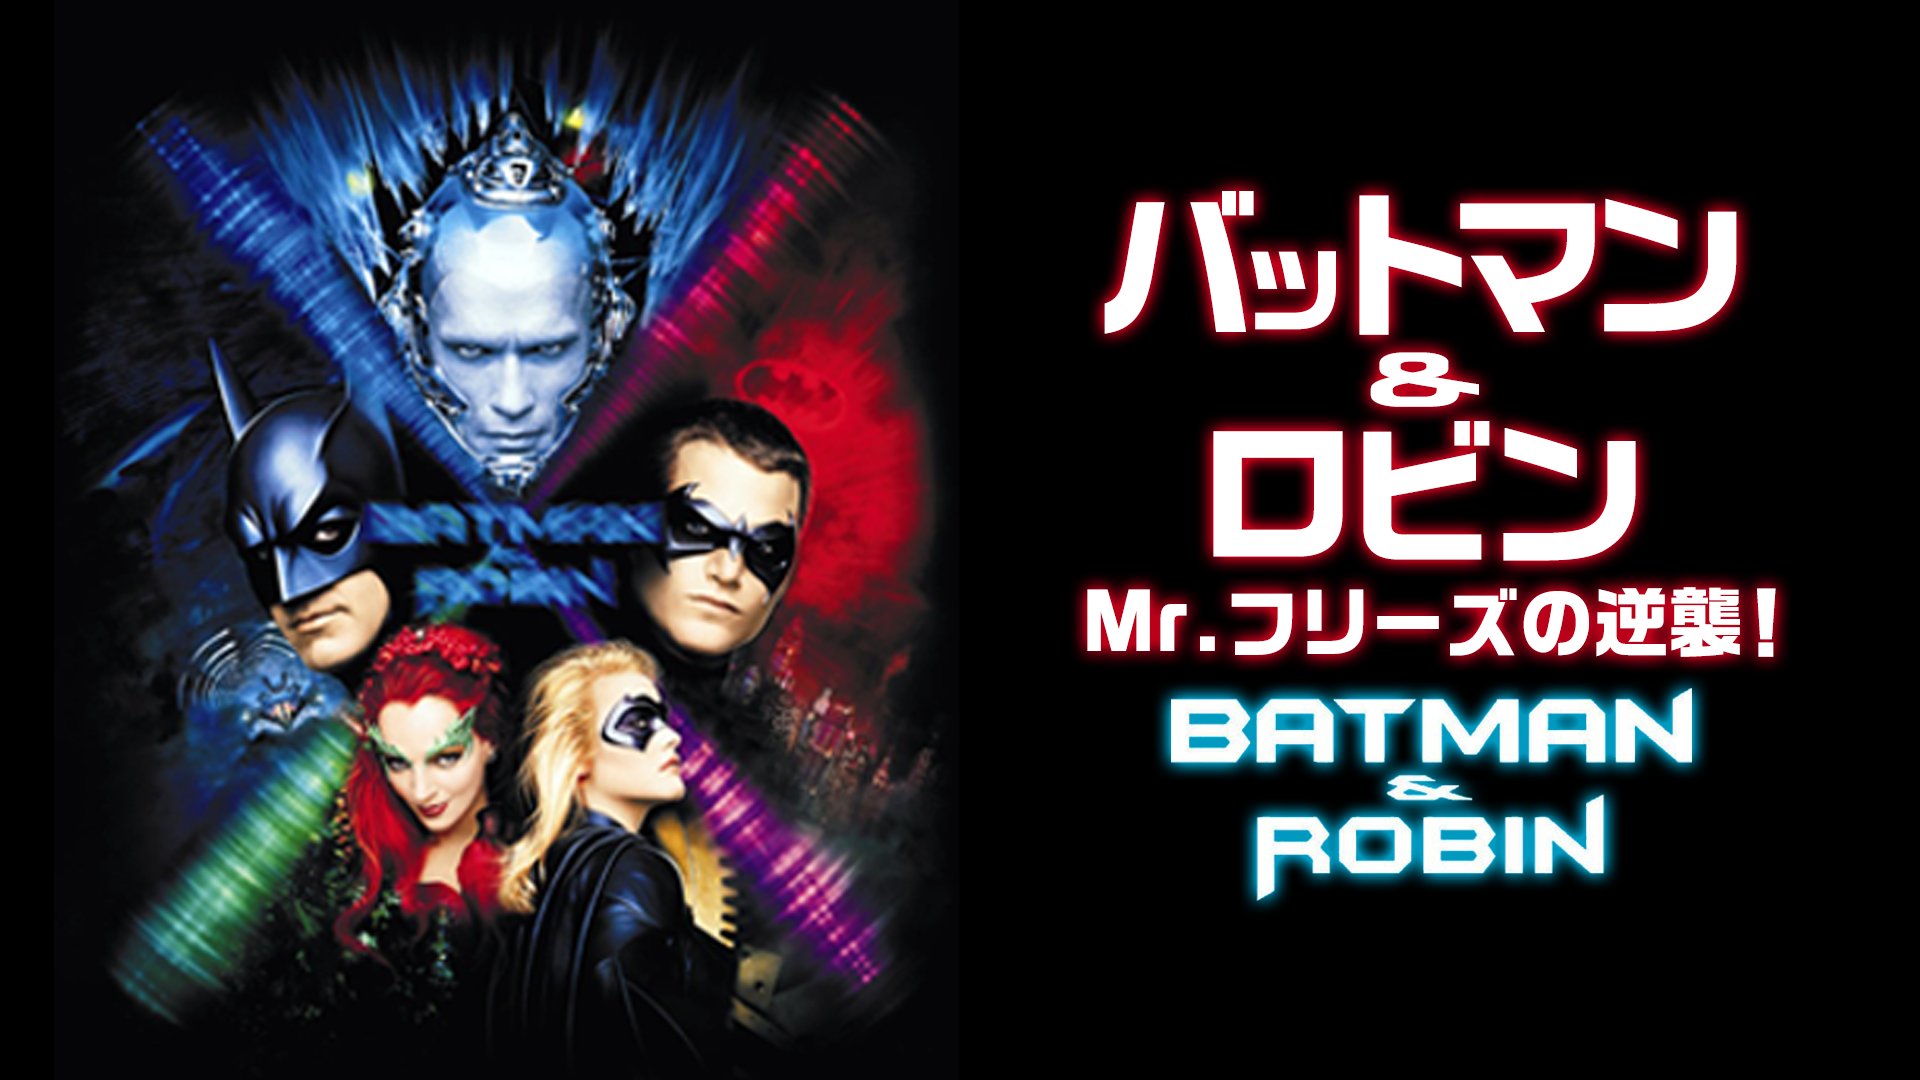 バットマン&ロビン Mr.フリーズの逆襲! 動画